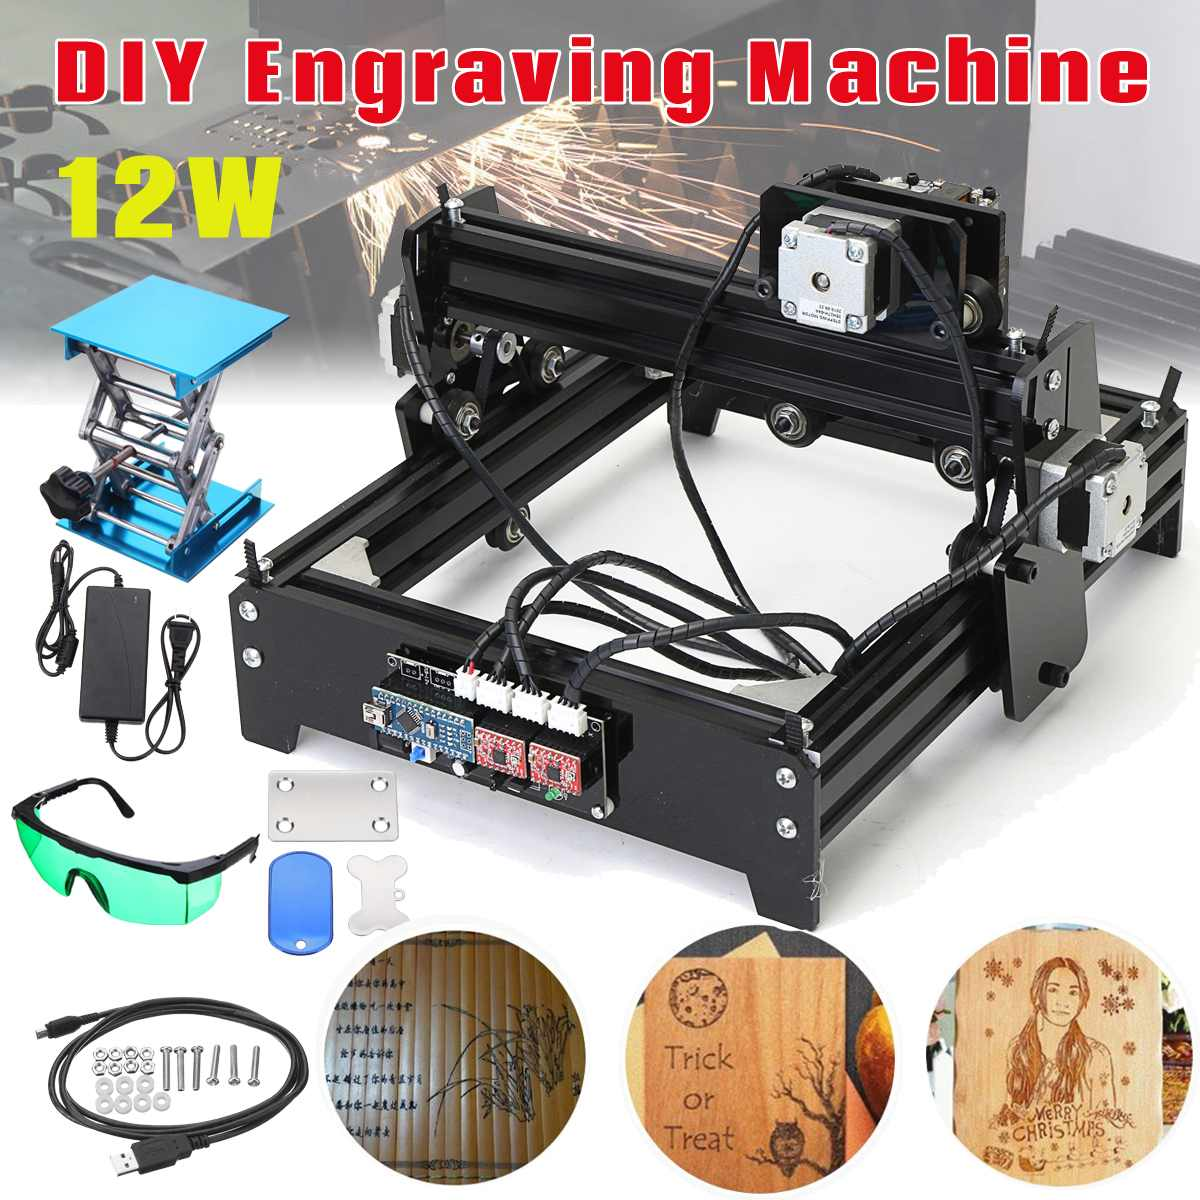 12 w 12000 mW 12 v bricolage CNC graveur Laser USB métal pierre gravure Machine bureau bois routeur/Cutter/imprimante pour Windows 7/8/10